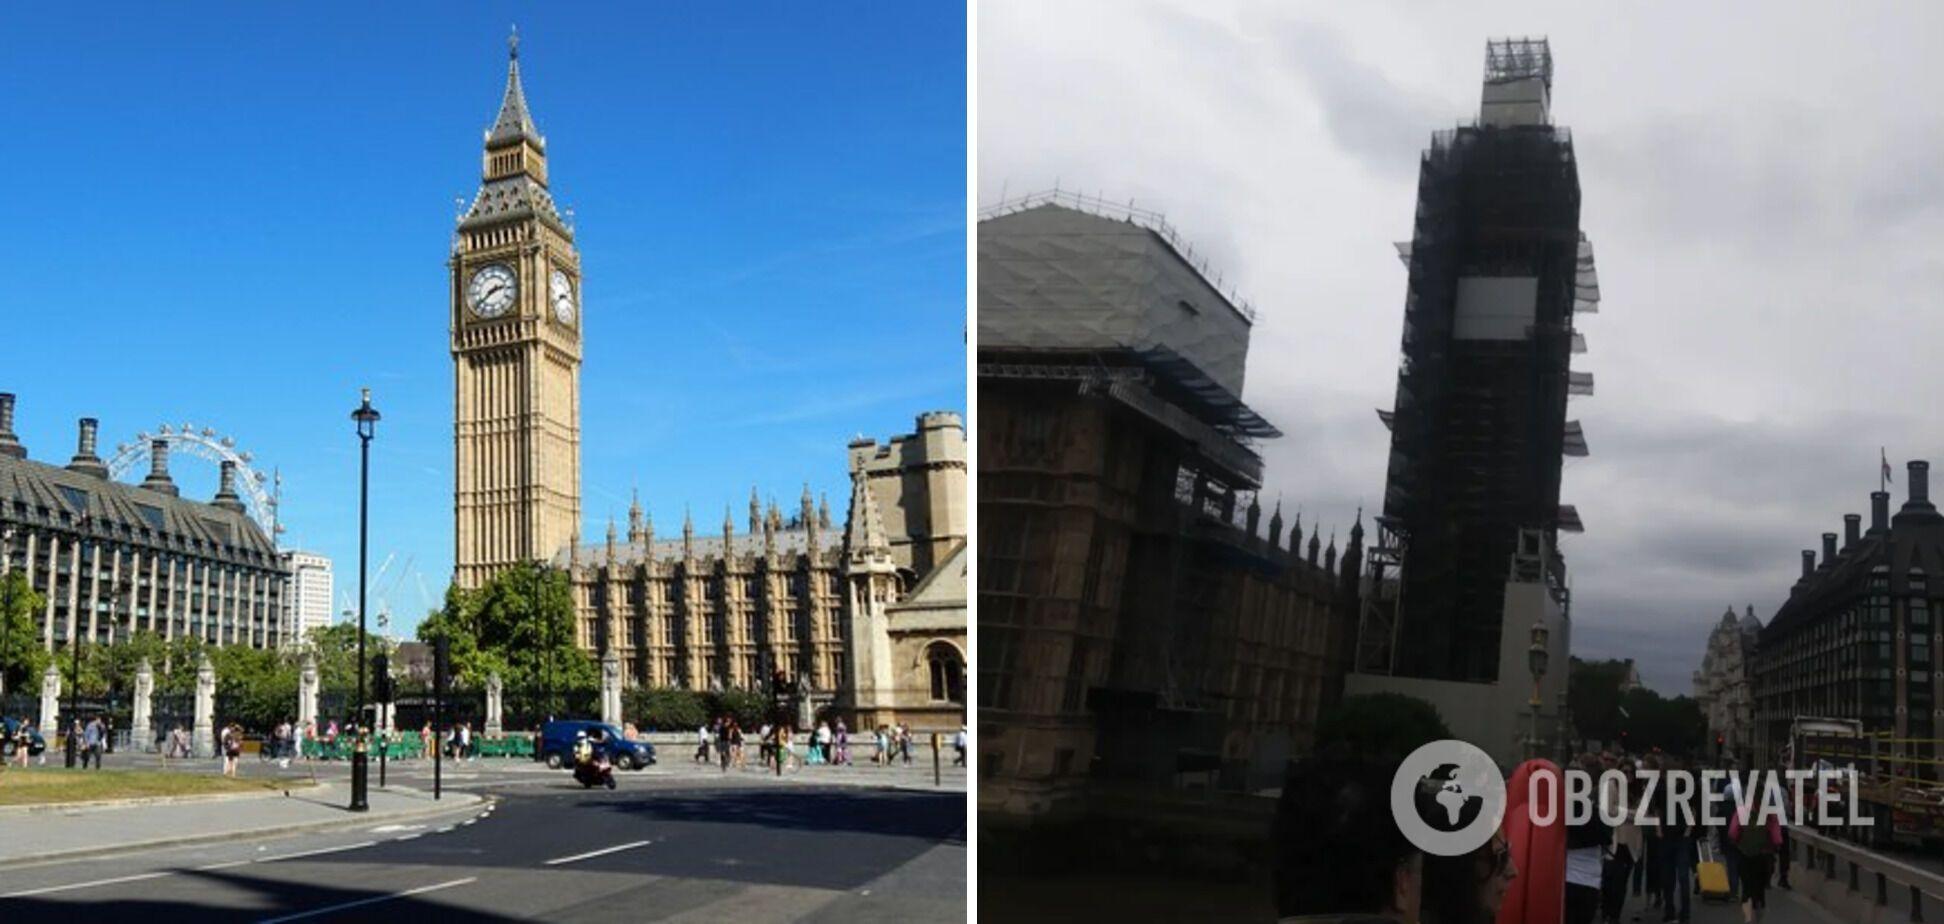 Лондонський годинник перебуває на реставрації